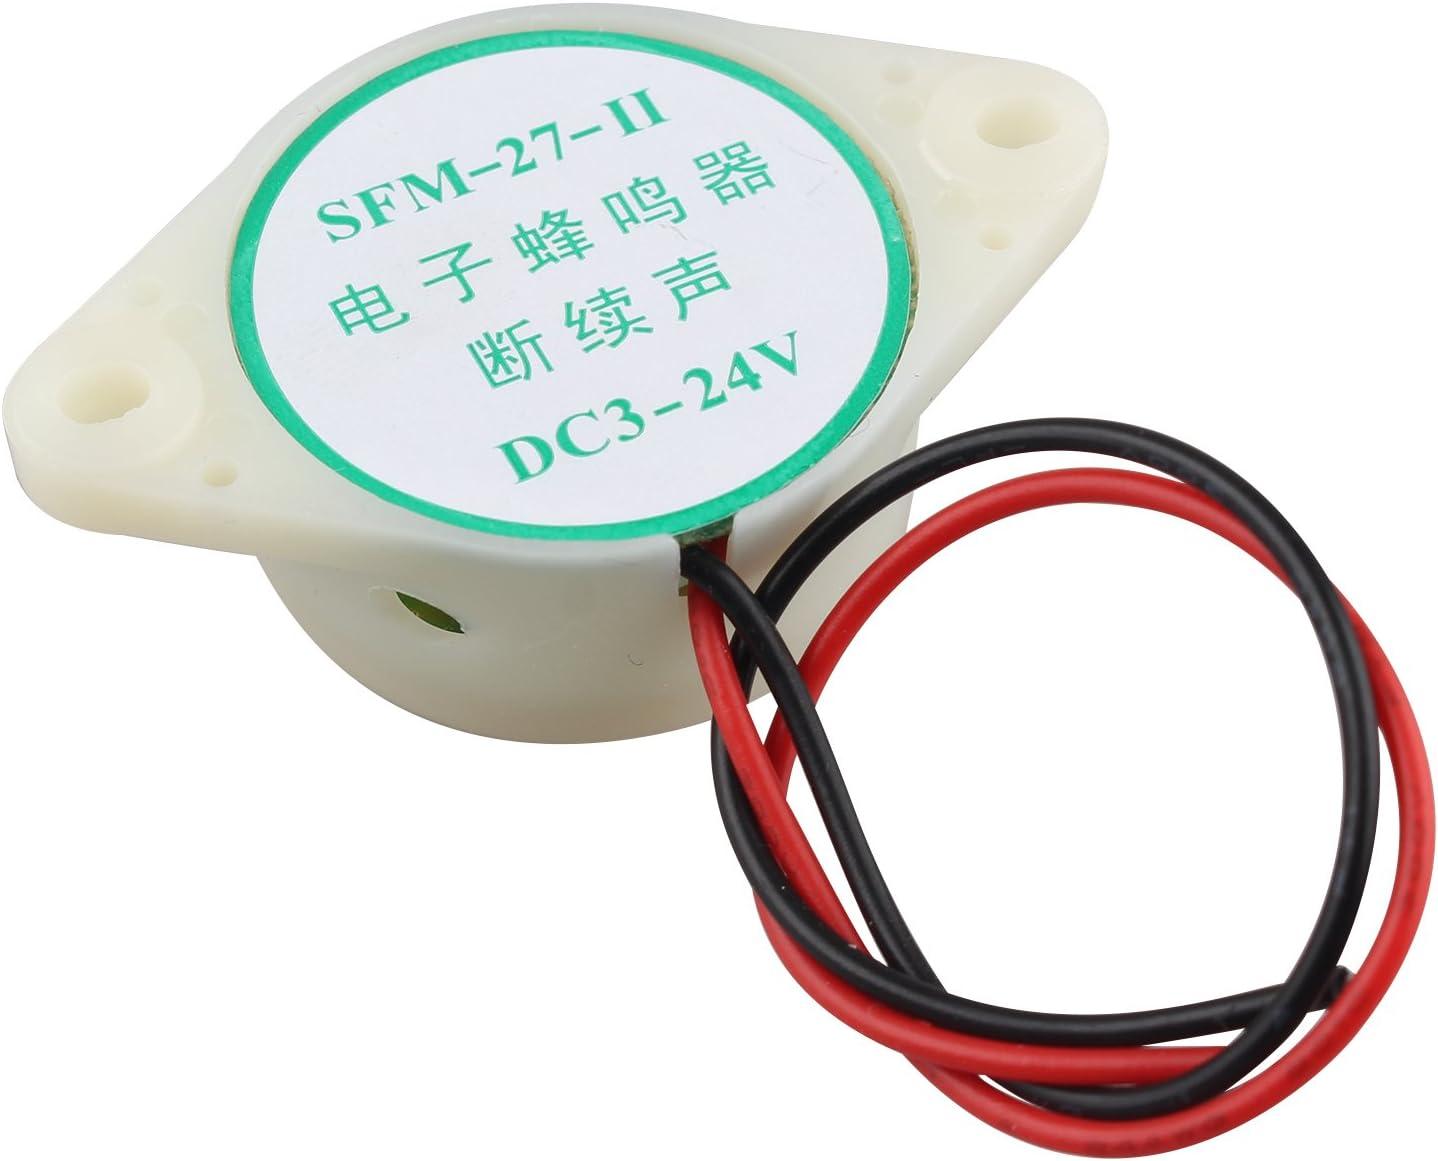 24/V 12/MA industrielle continue son /électronique Buzzer FUSD 2/pcs Sfm-27/DC 3